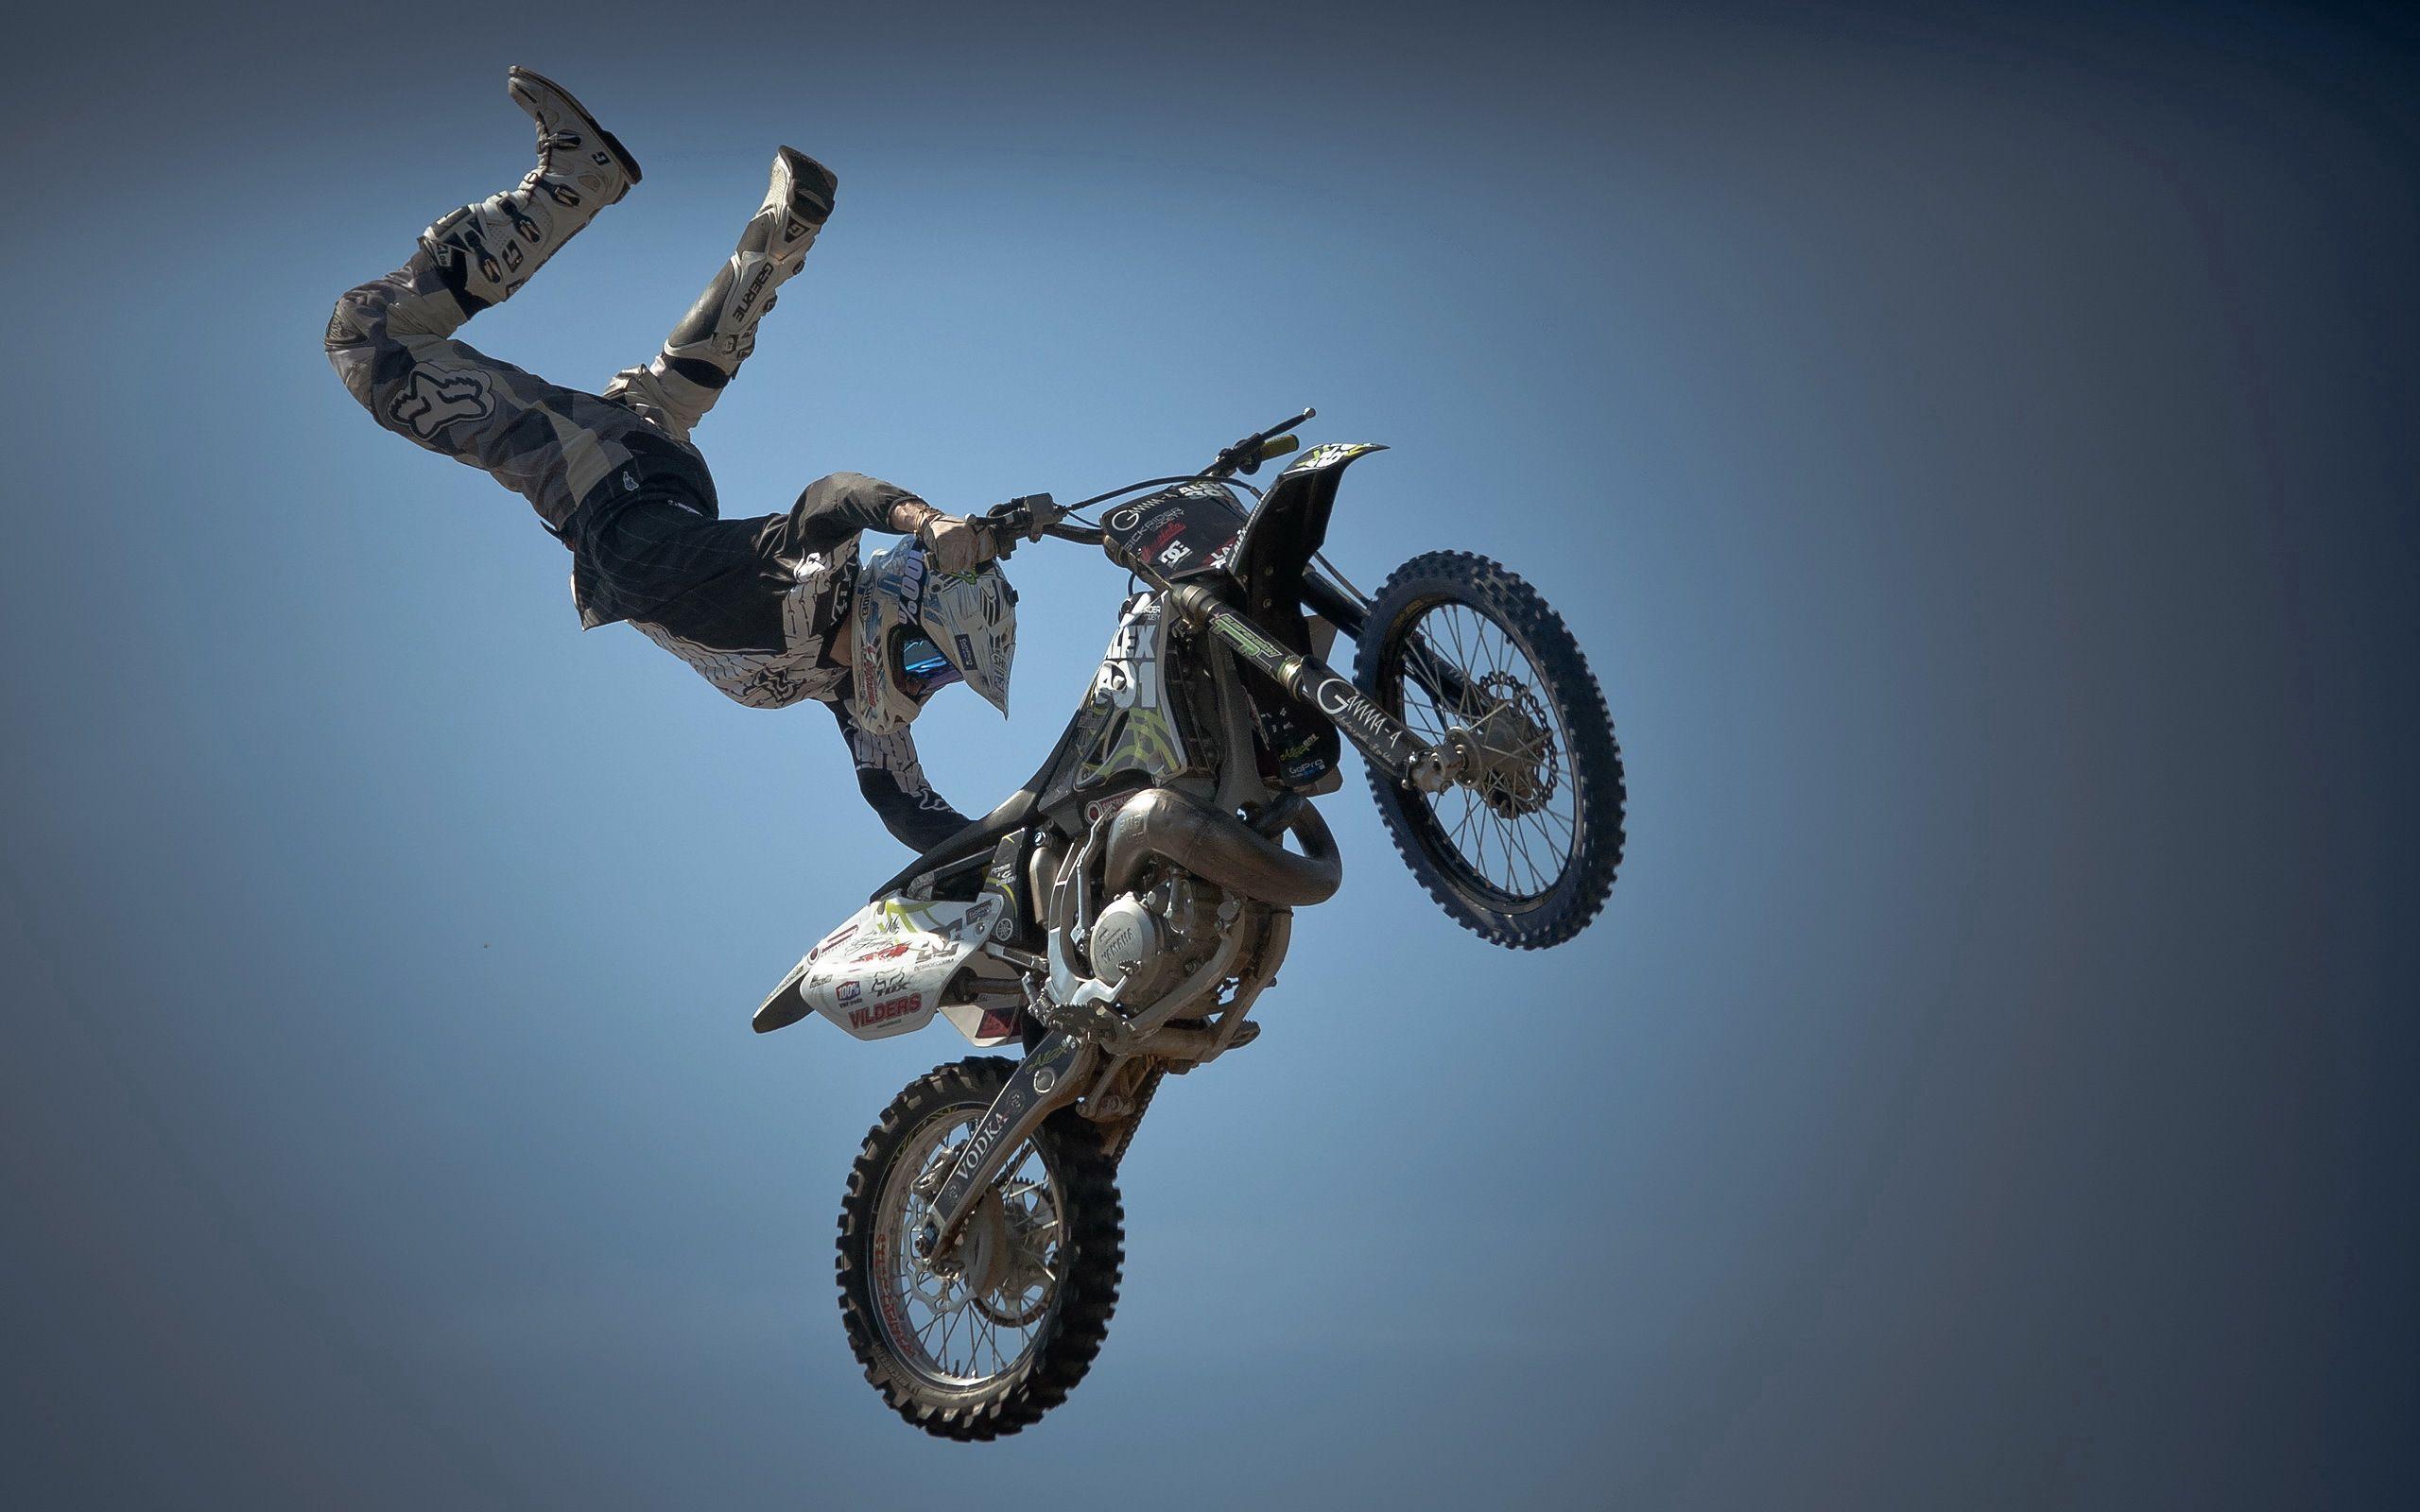 144835 завантажити шпалери Спорт, Мотоцикли, Мотоцикліст, Мотоцикл, Стрибок, Стрибати, Трюк - заставки і картинки безкоштовно